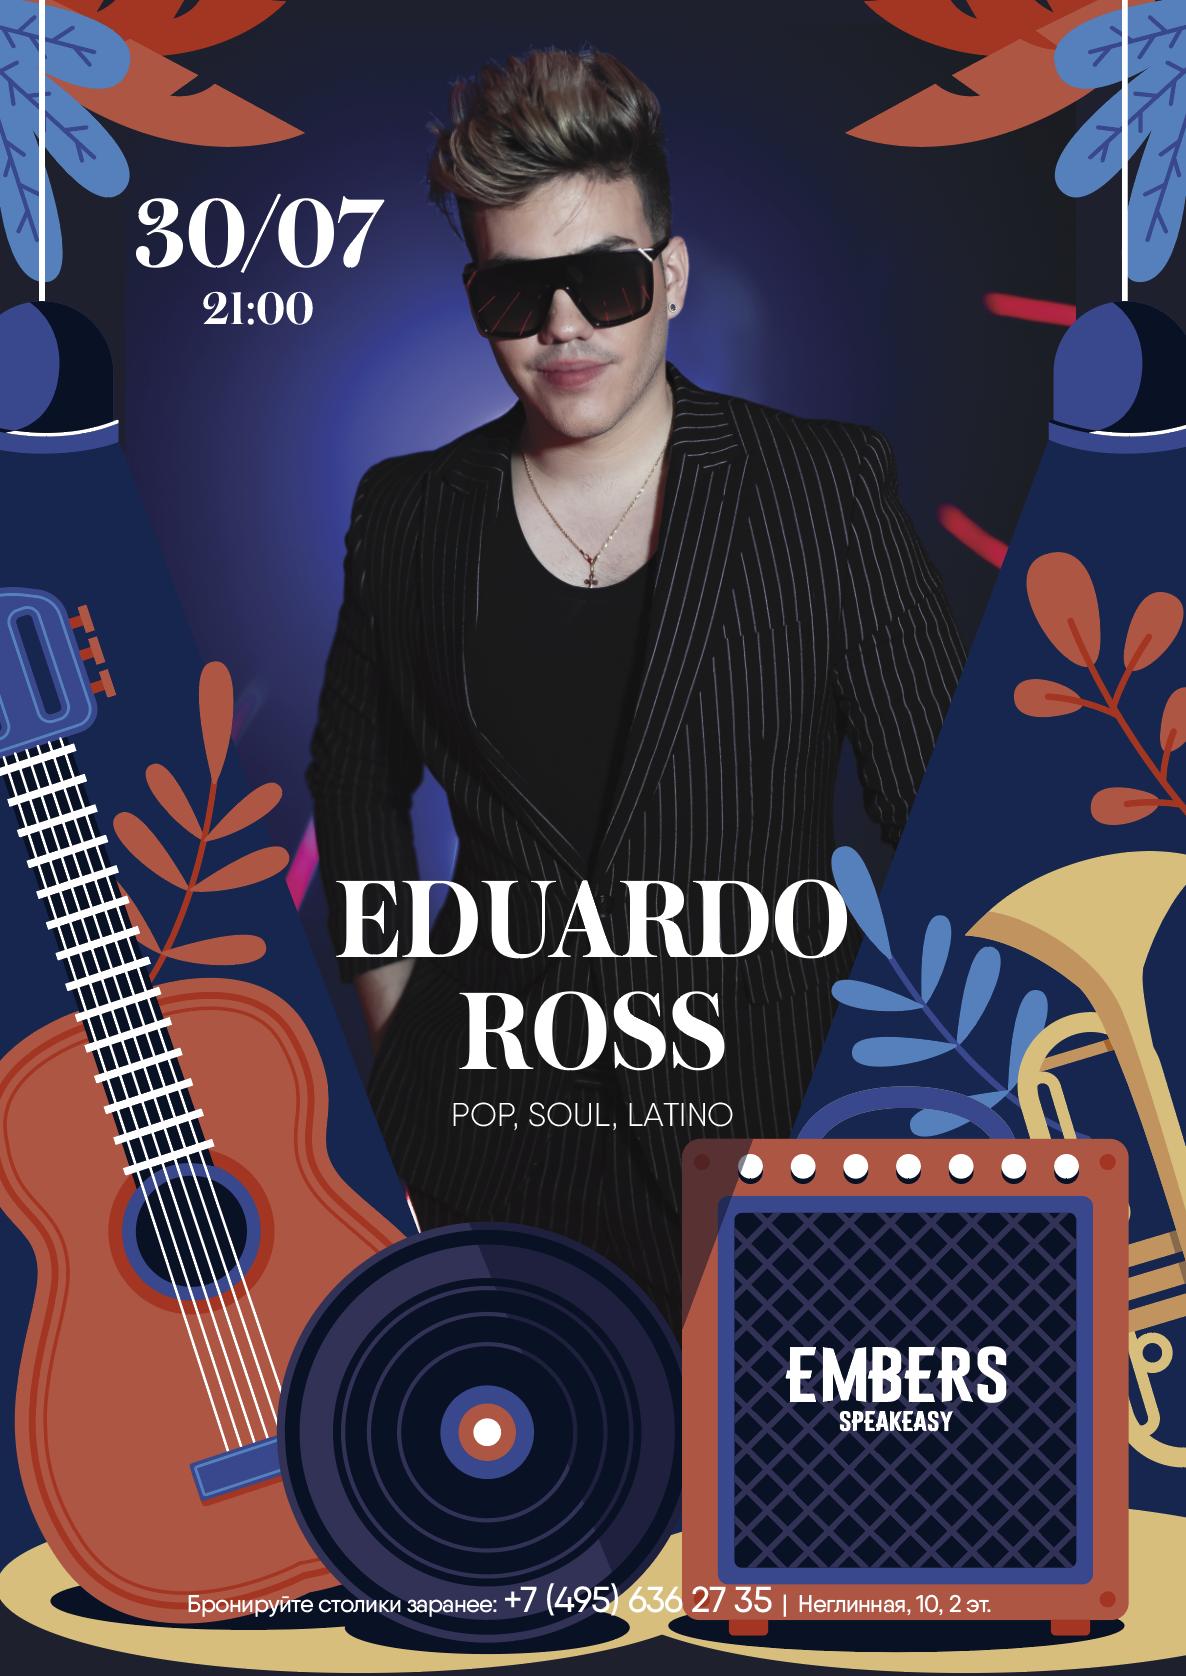 Афиша! 30 июля — Eduardo Ross  в Embers Speakeasy.